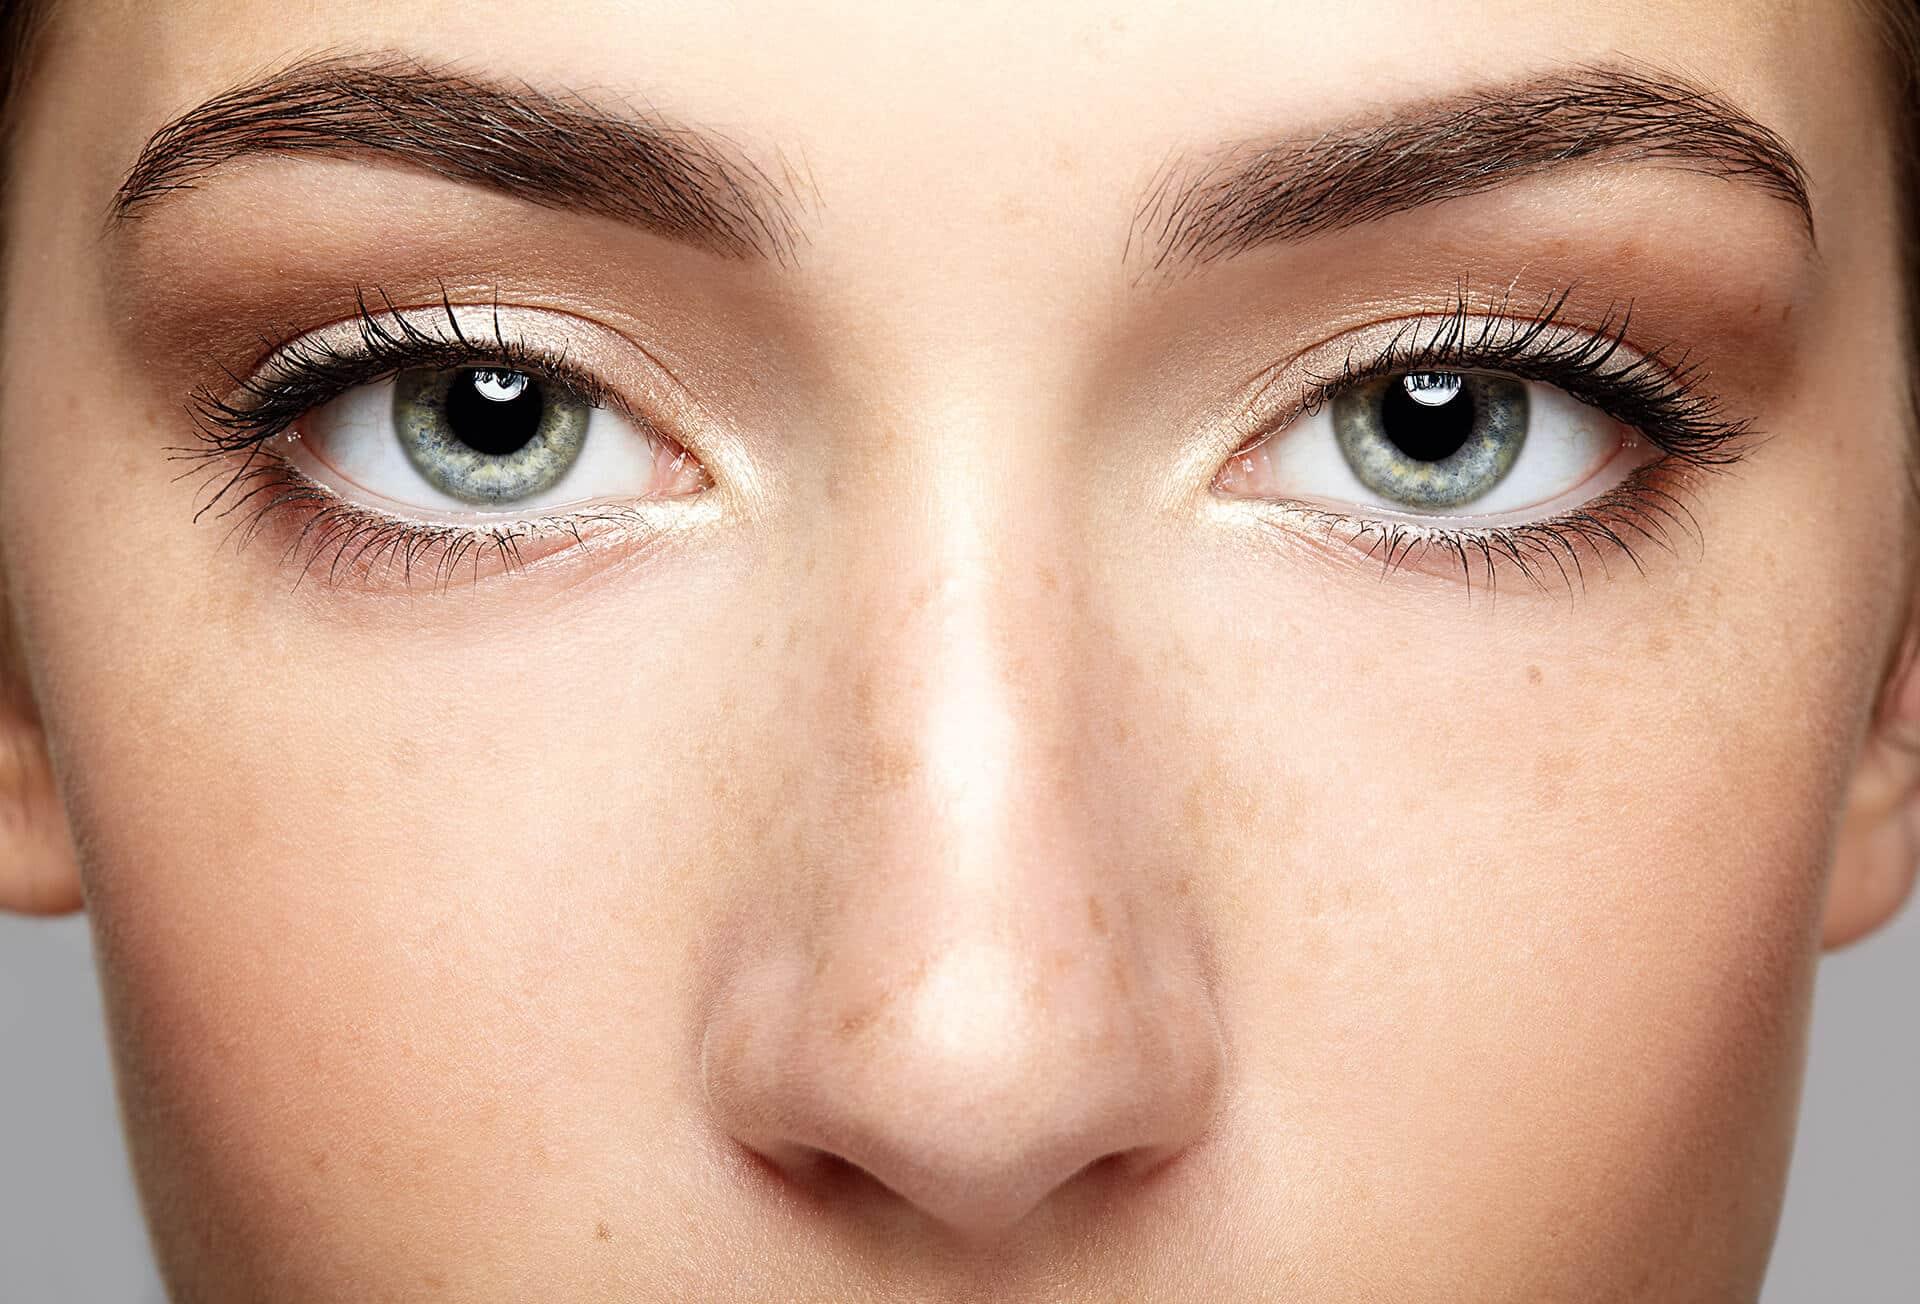 Augenheilkunde in Wien - Augenarzt Dr. Kiss